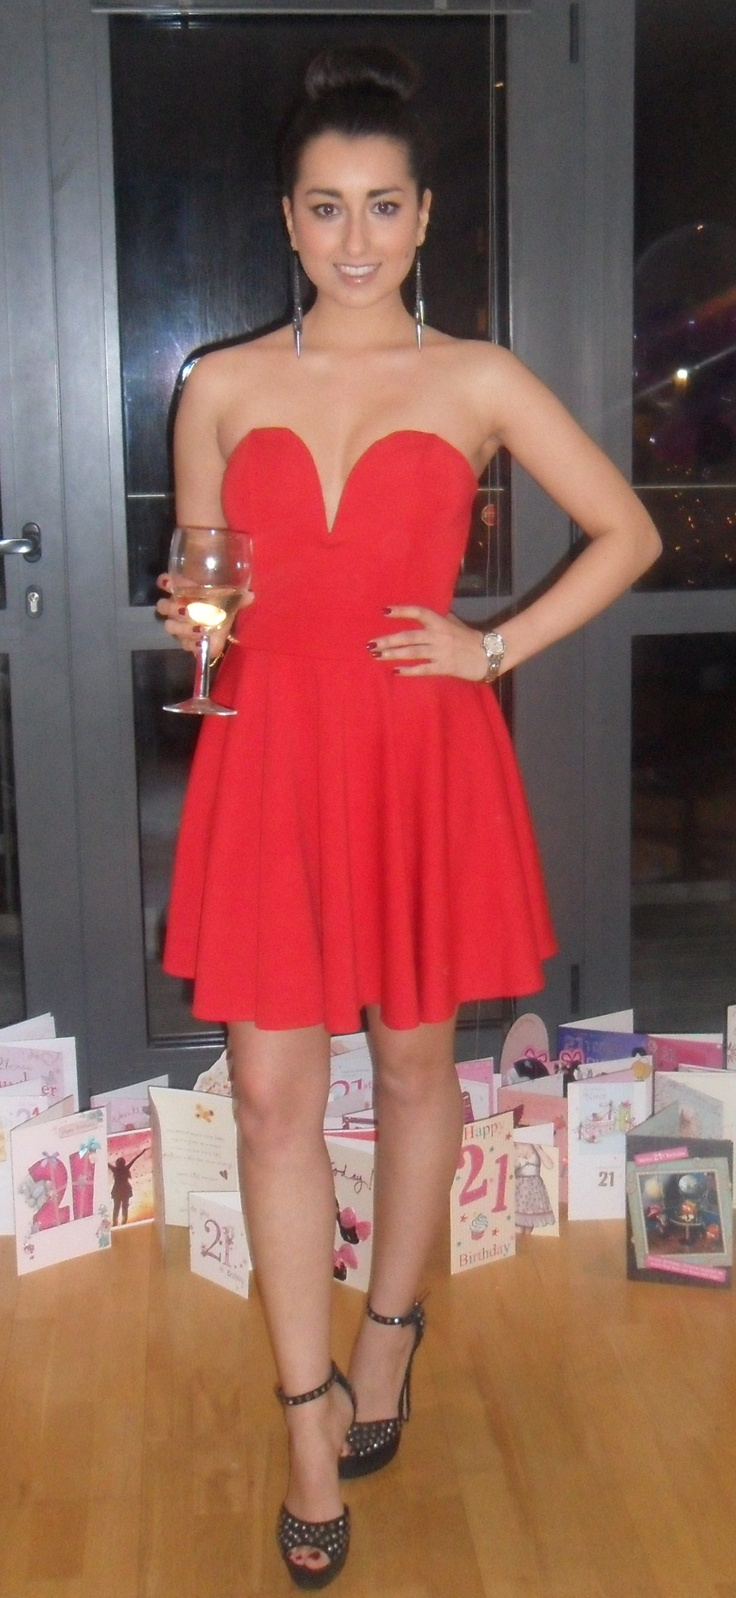 21169514 21st Birthday Dresses Pinterest - raveitsafe